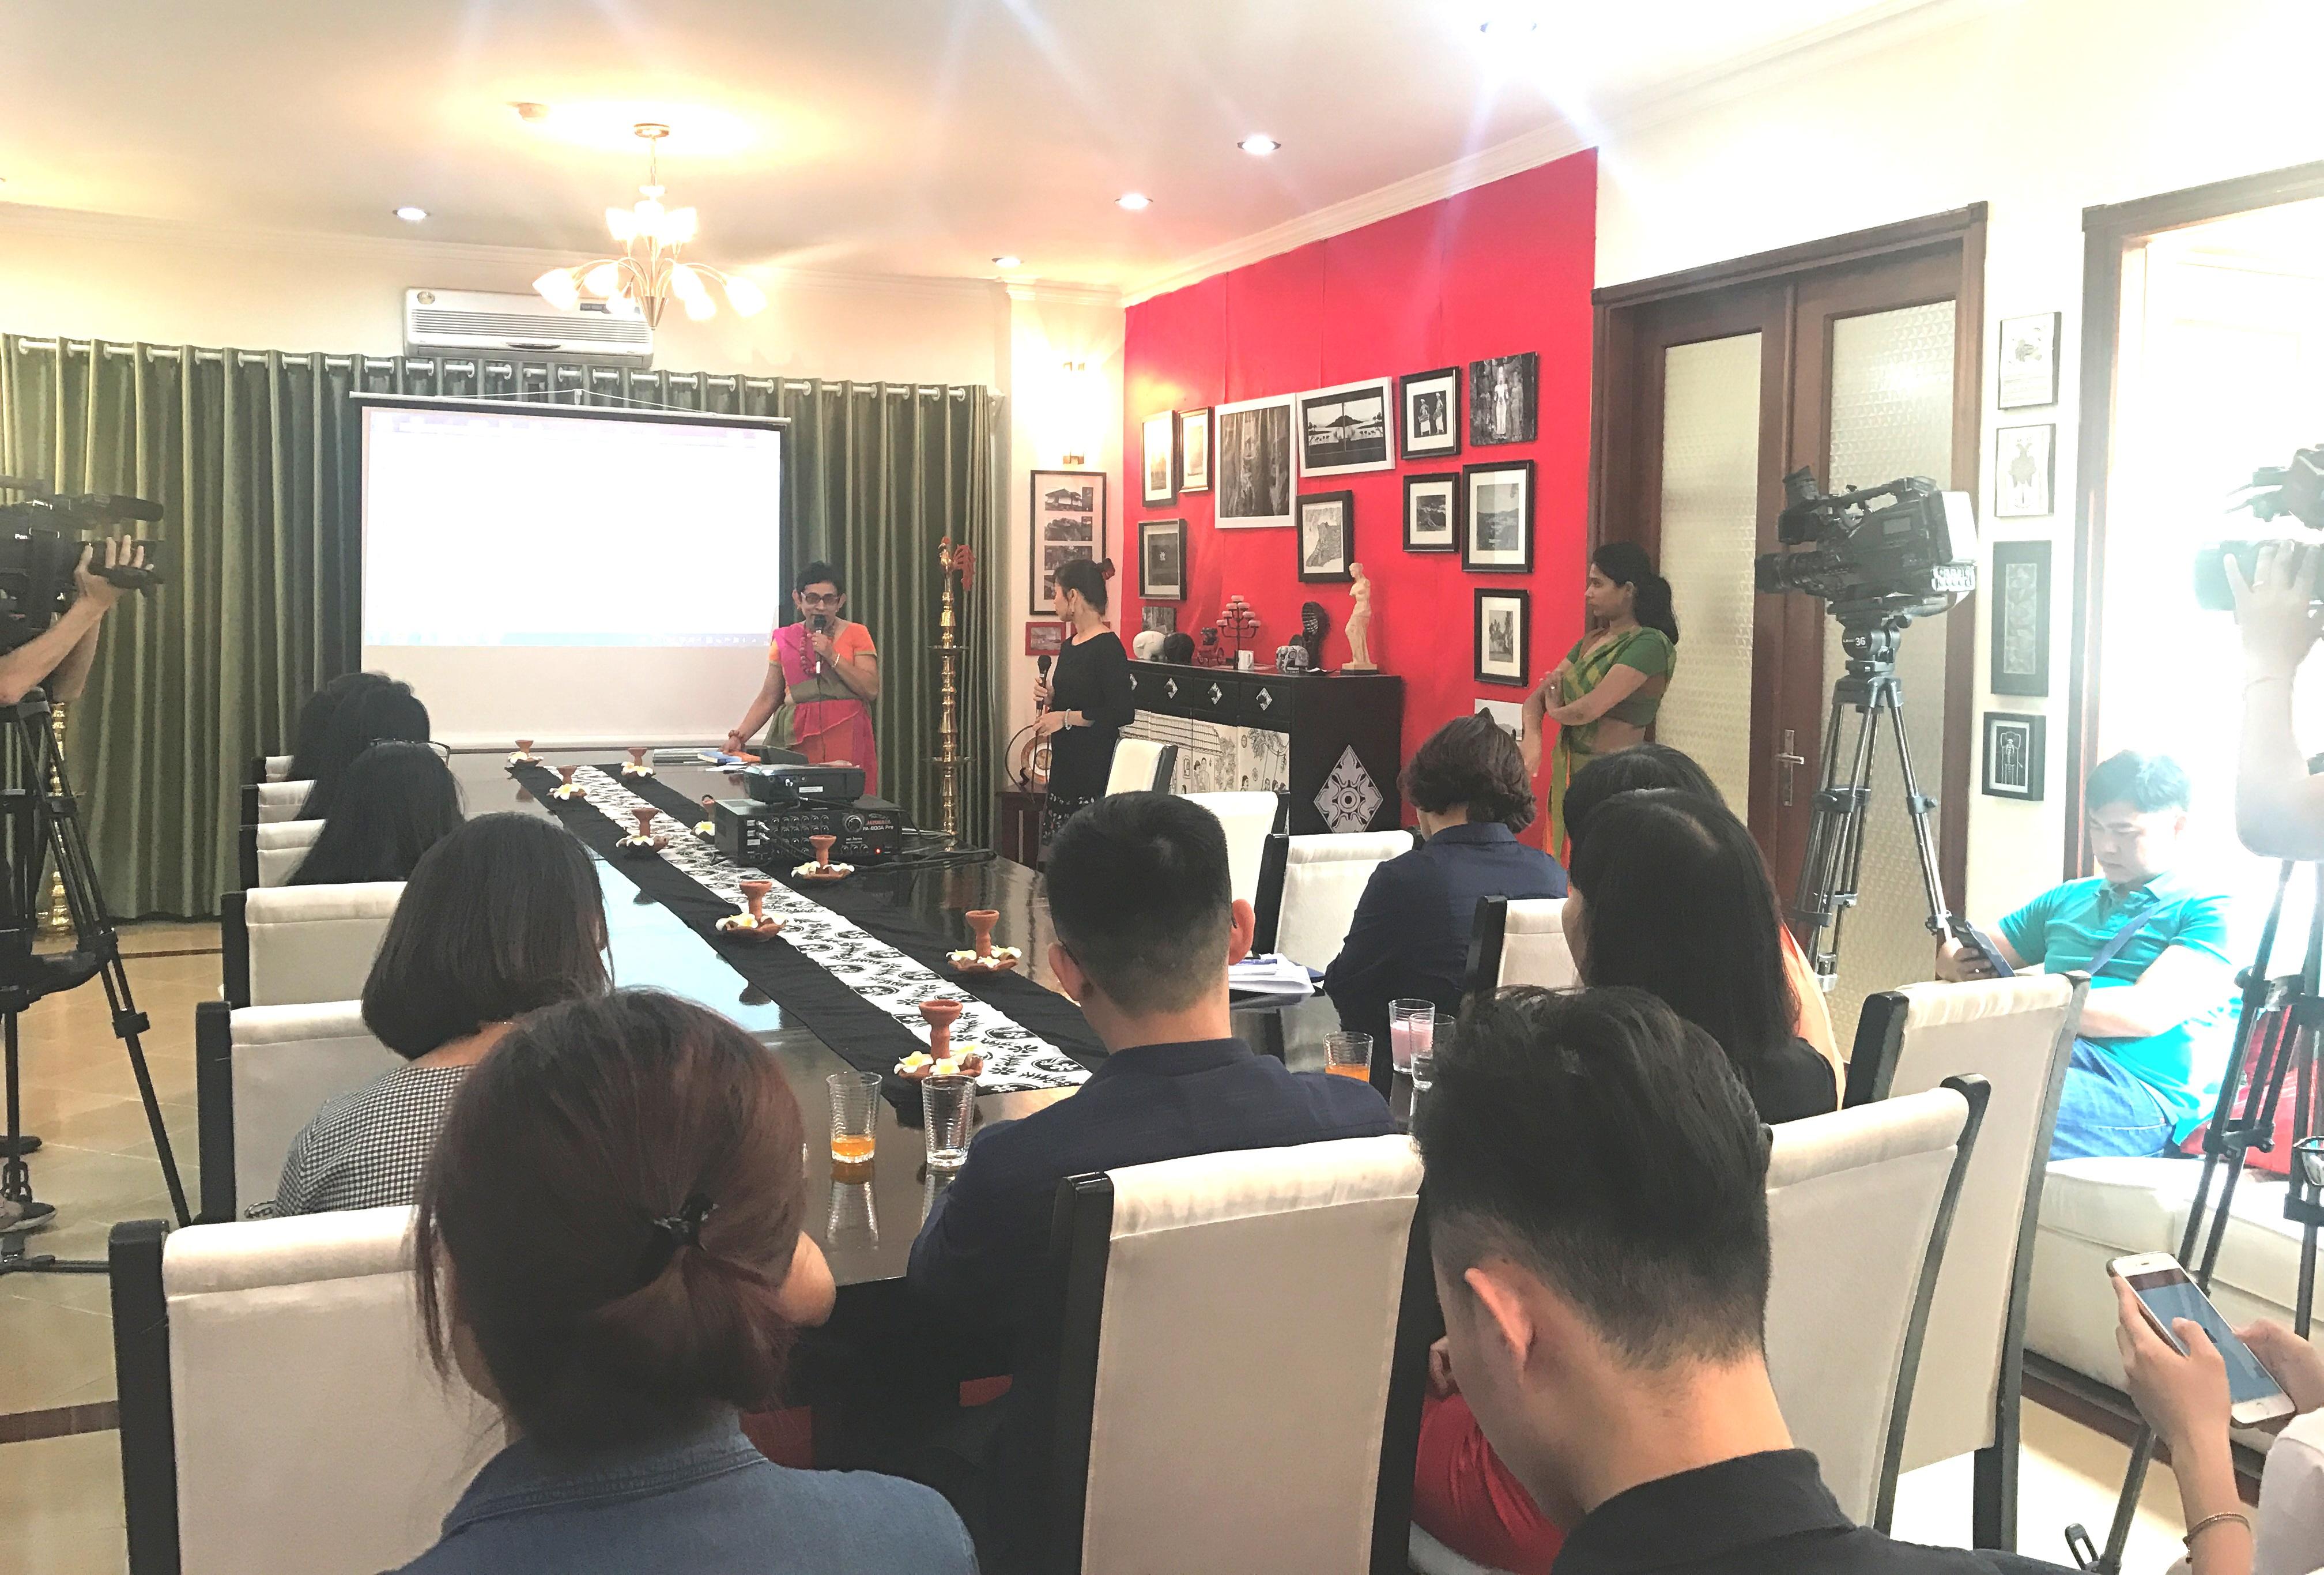 Ngày hội Văn hóa Xri-Lan-ca sẽ diễn ra tại Hà Nội